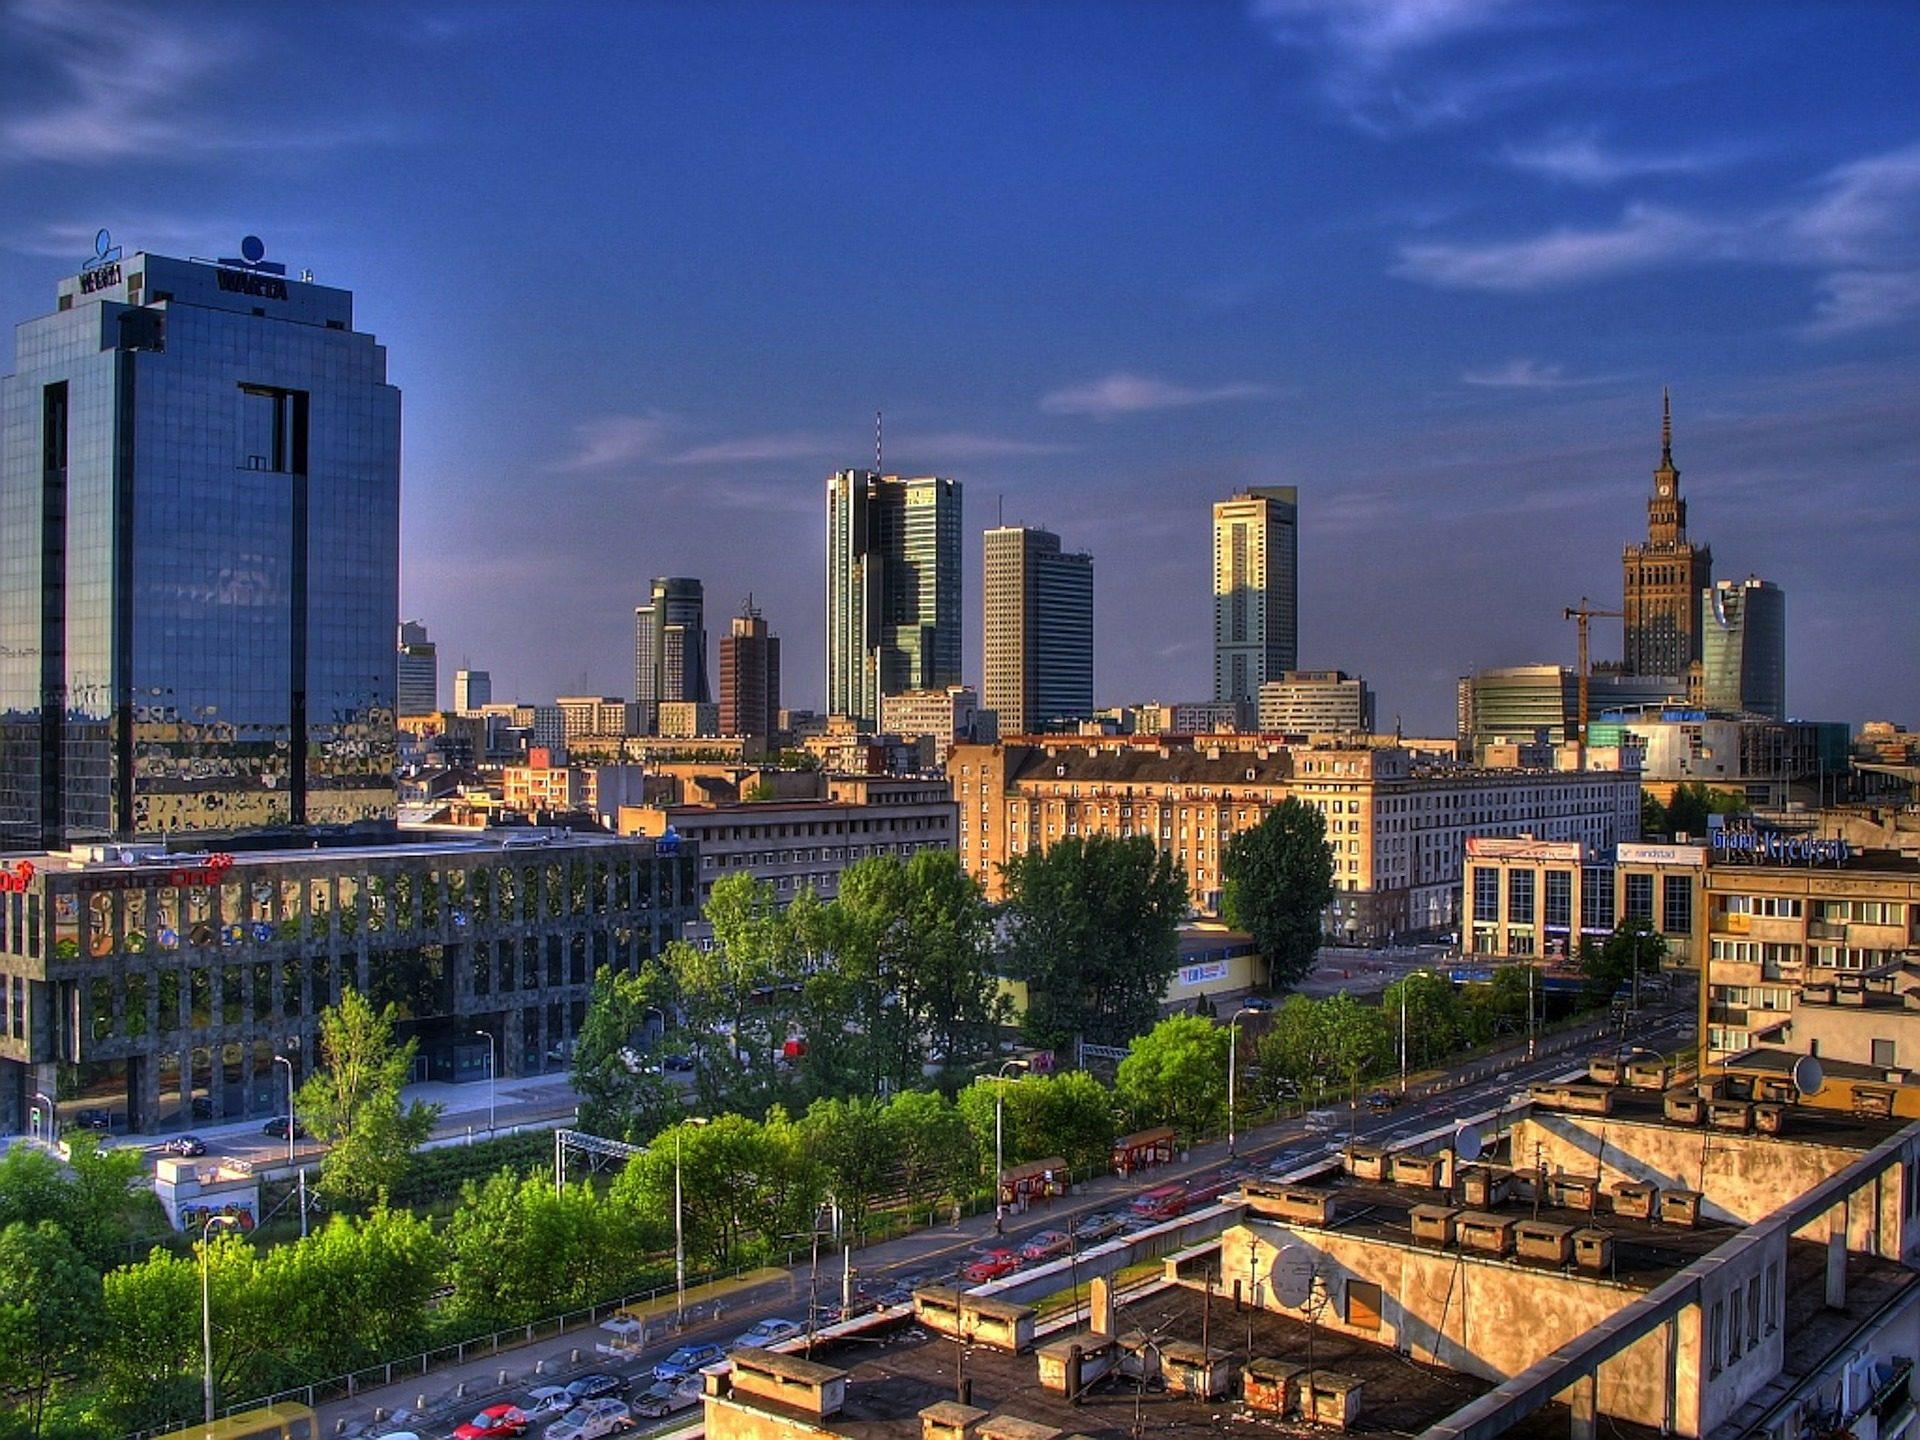 Städtereise Warschau günstigen Flug + Hotel ab 59,98€ 2 Nächte